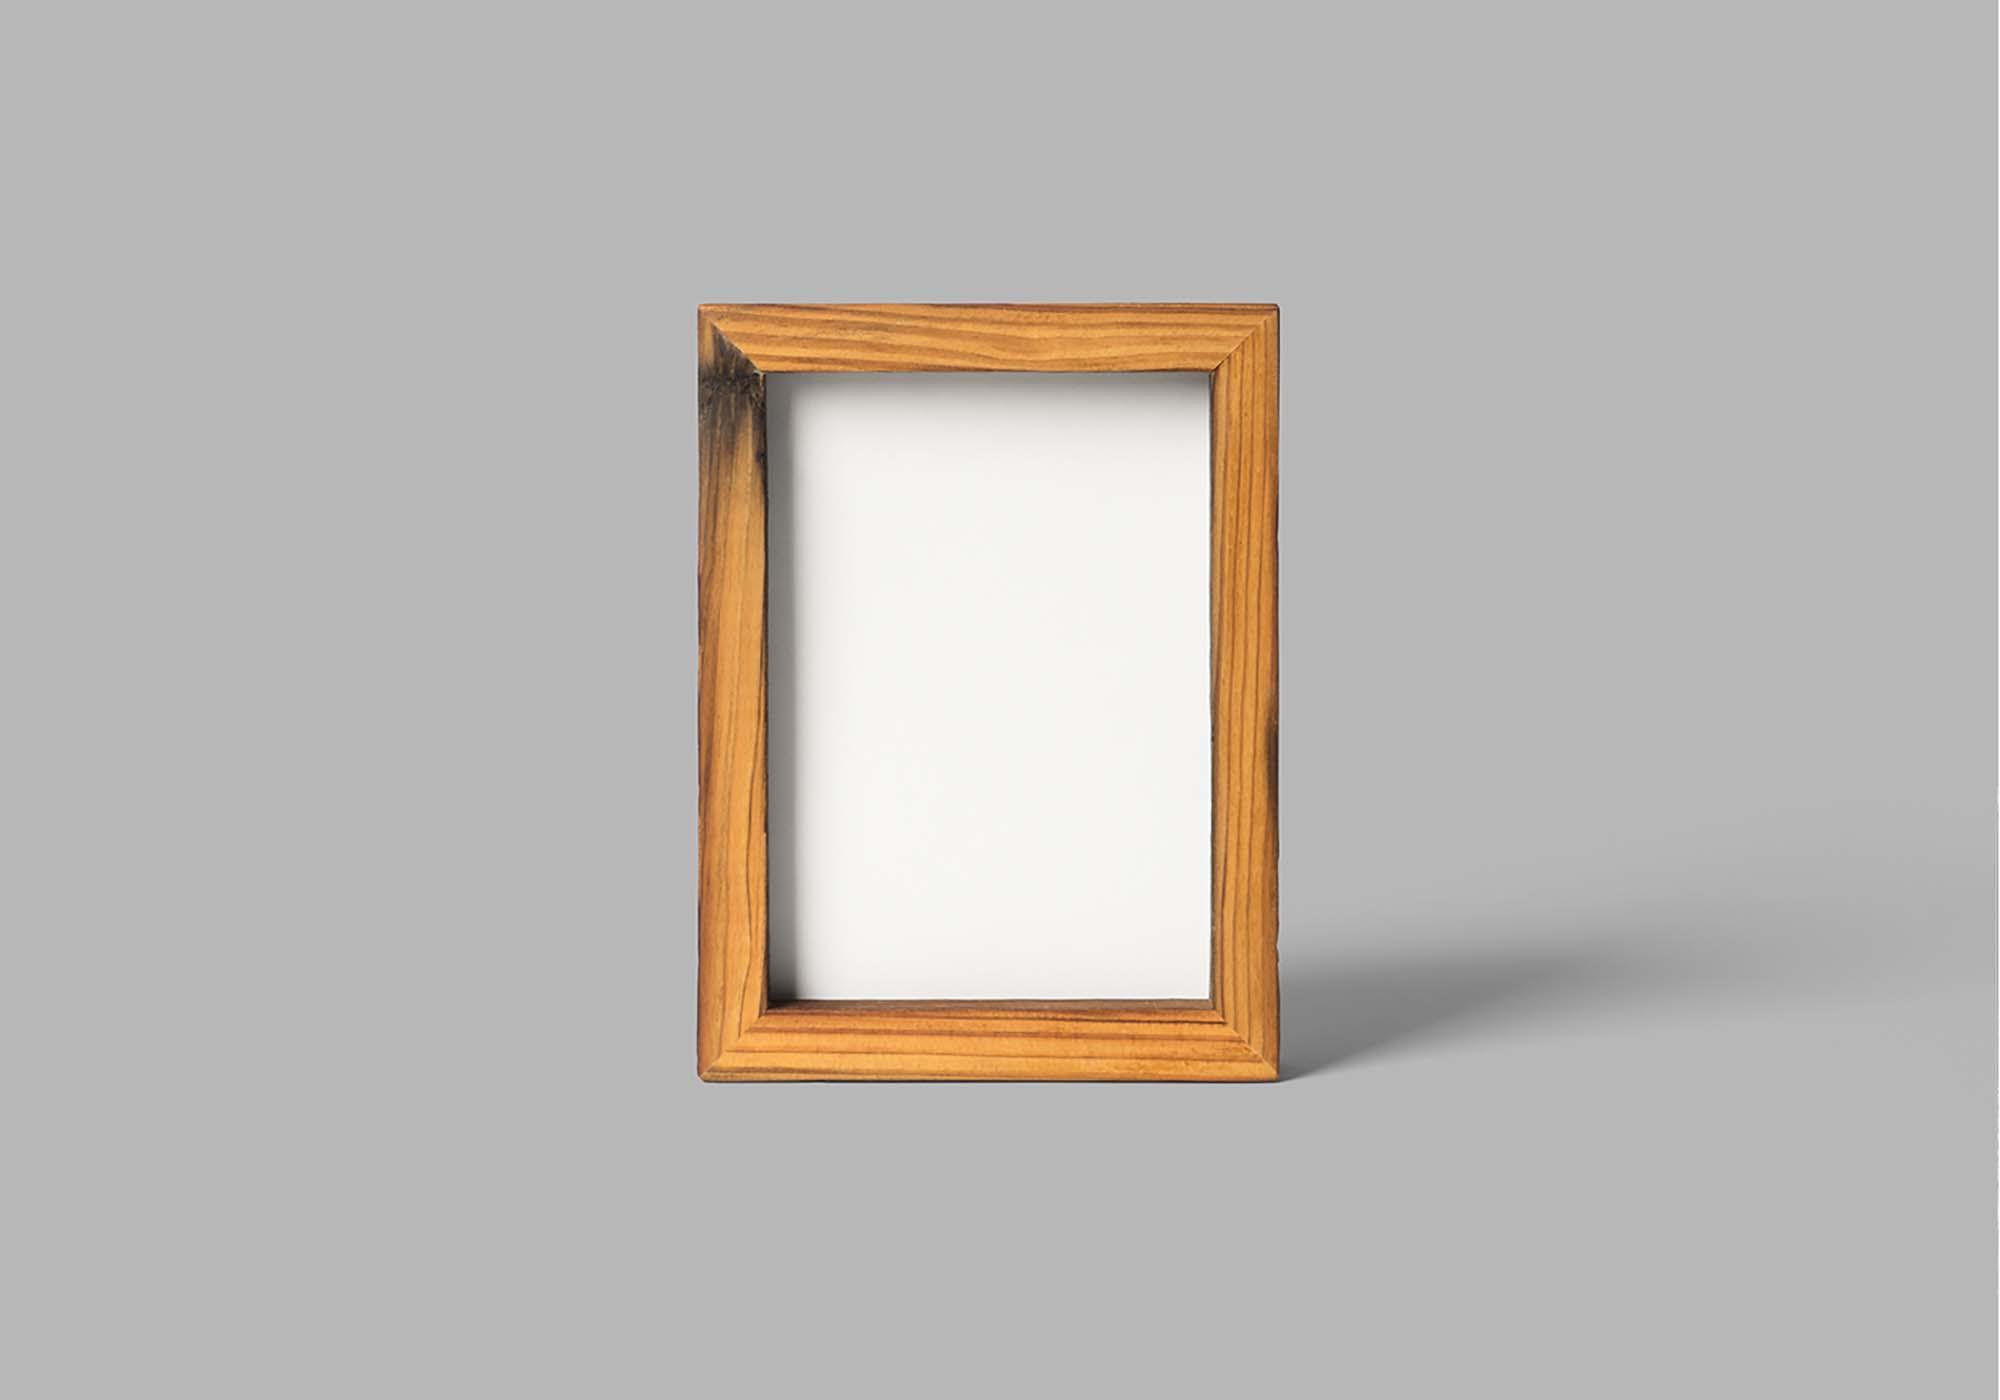 Wood Frame Mockup 2